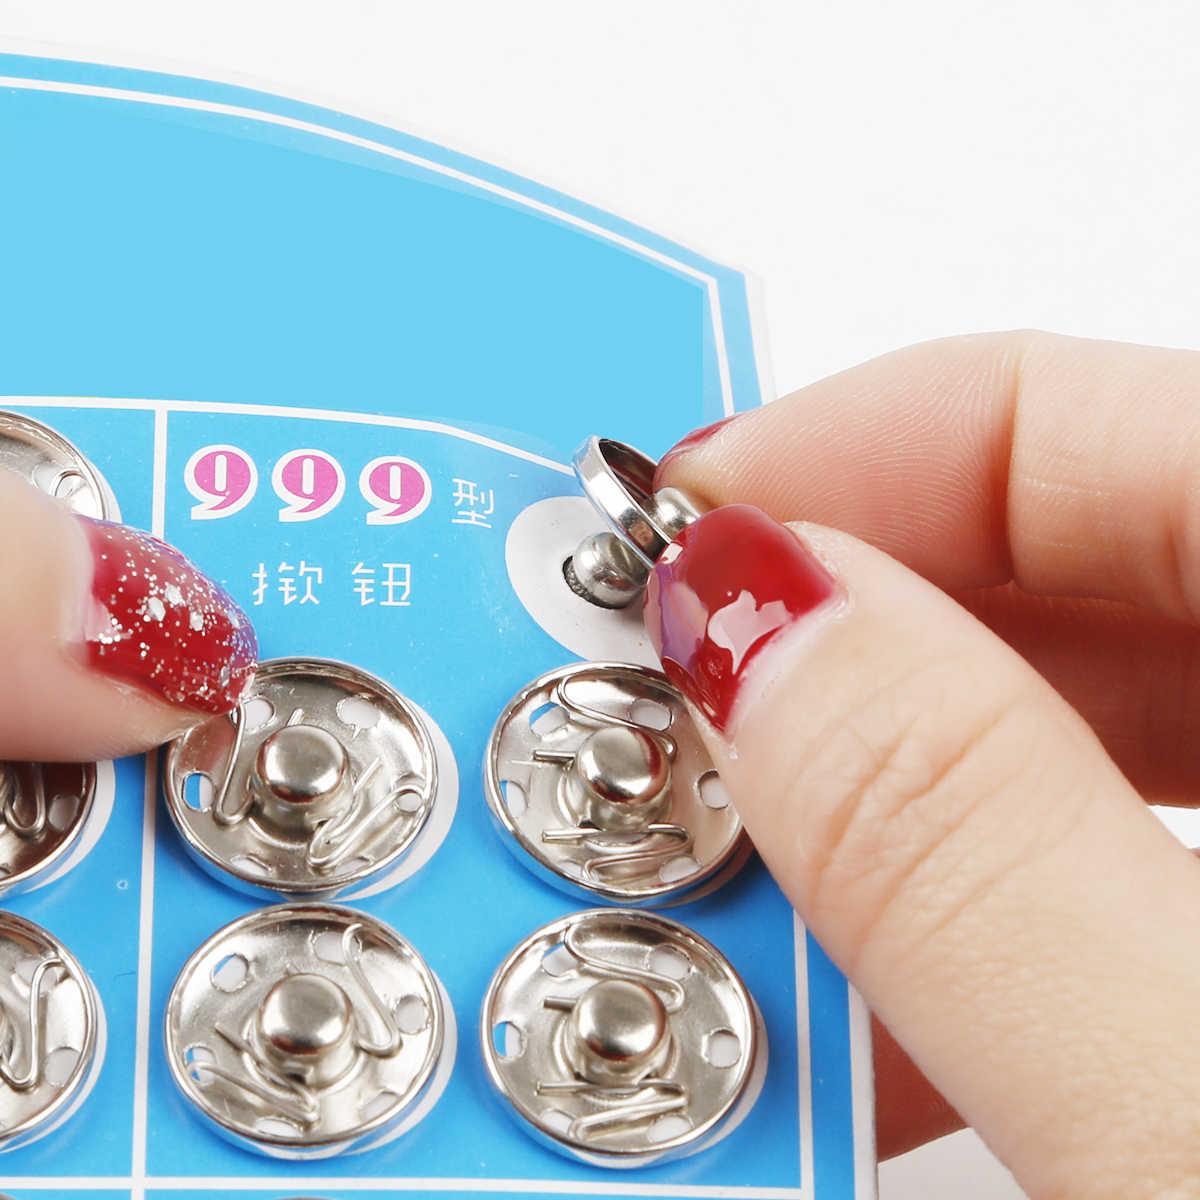 8-20MM Metalen Drukknopen Zwart Rhodium Iron Knoppen voor DIY Naaien Doek Scrapbook Accessoires Benodigdheden